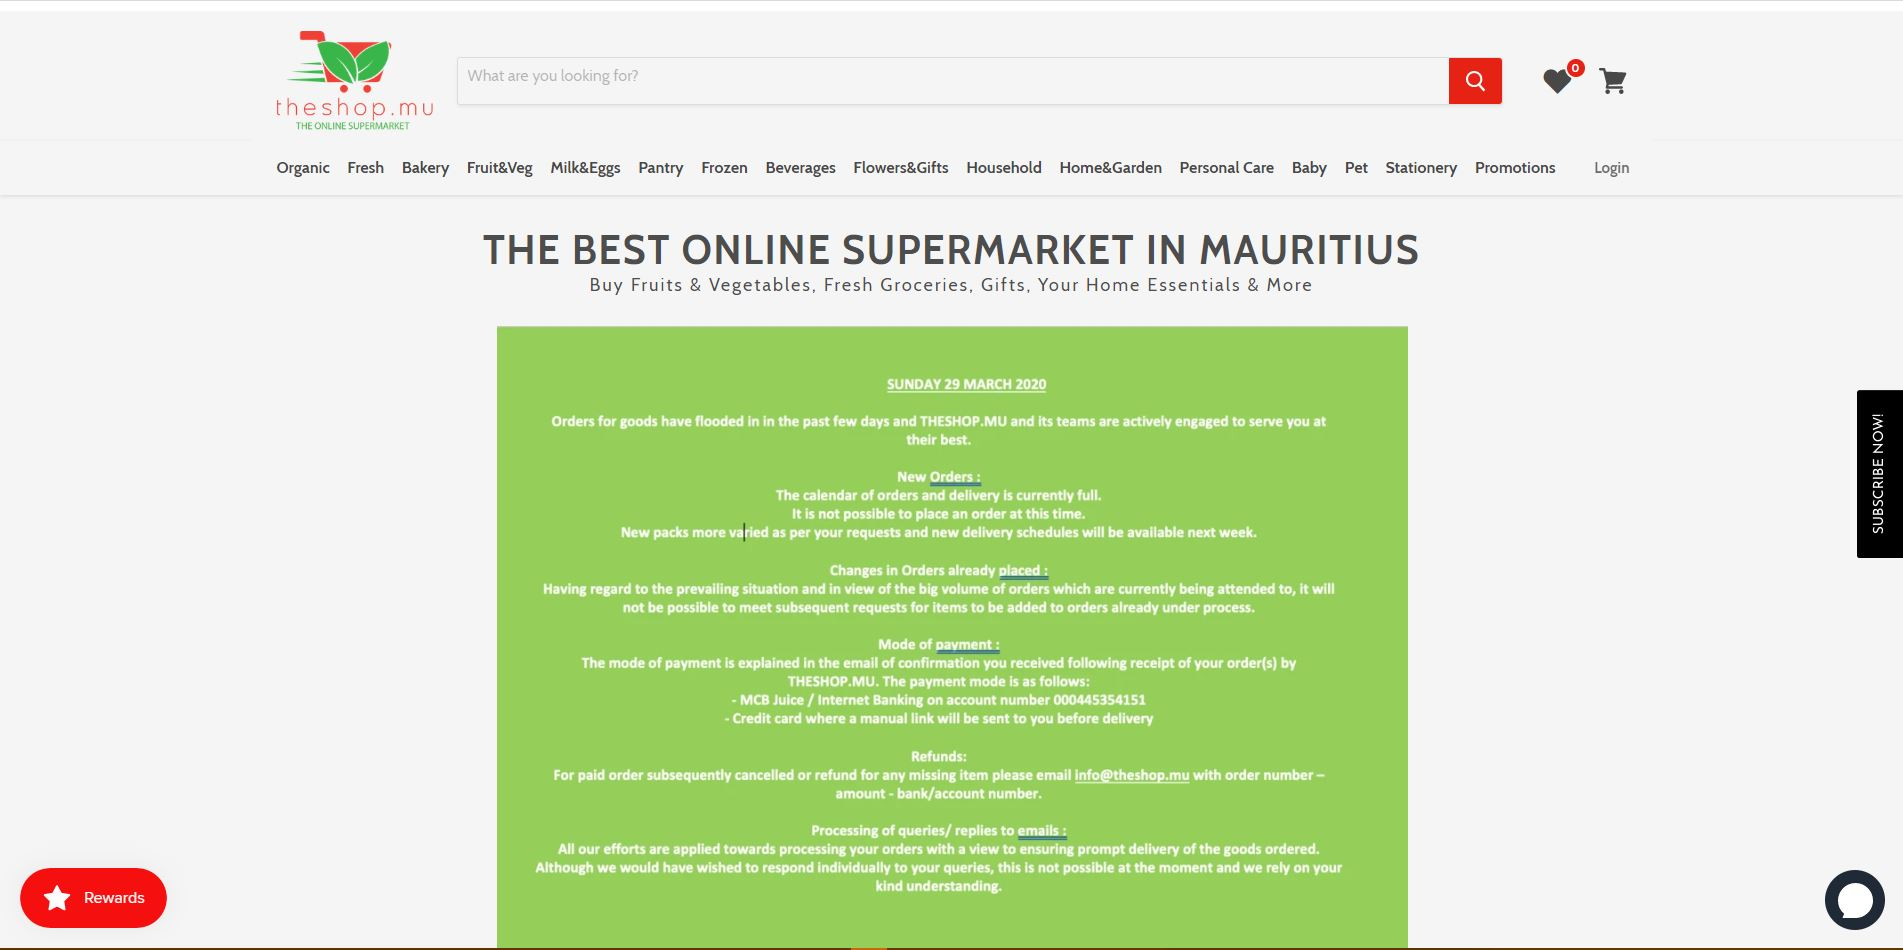 theshop-digital-marketing-mauritius-ecommerce